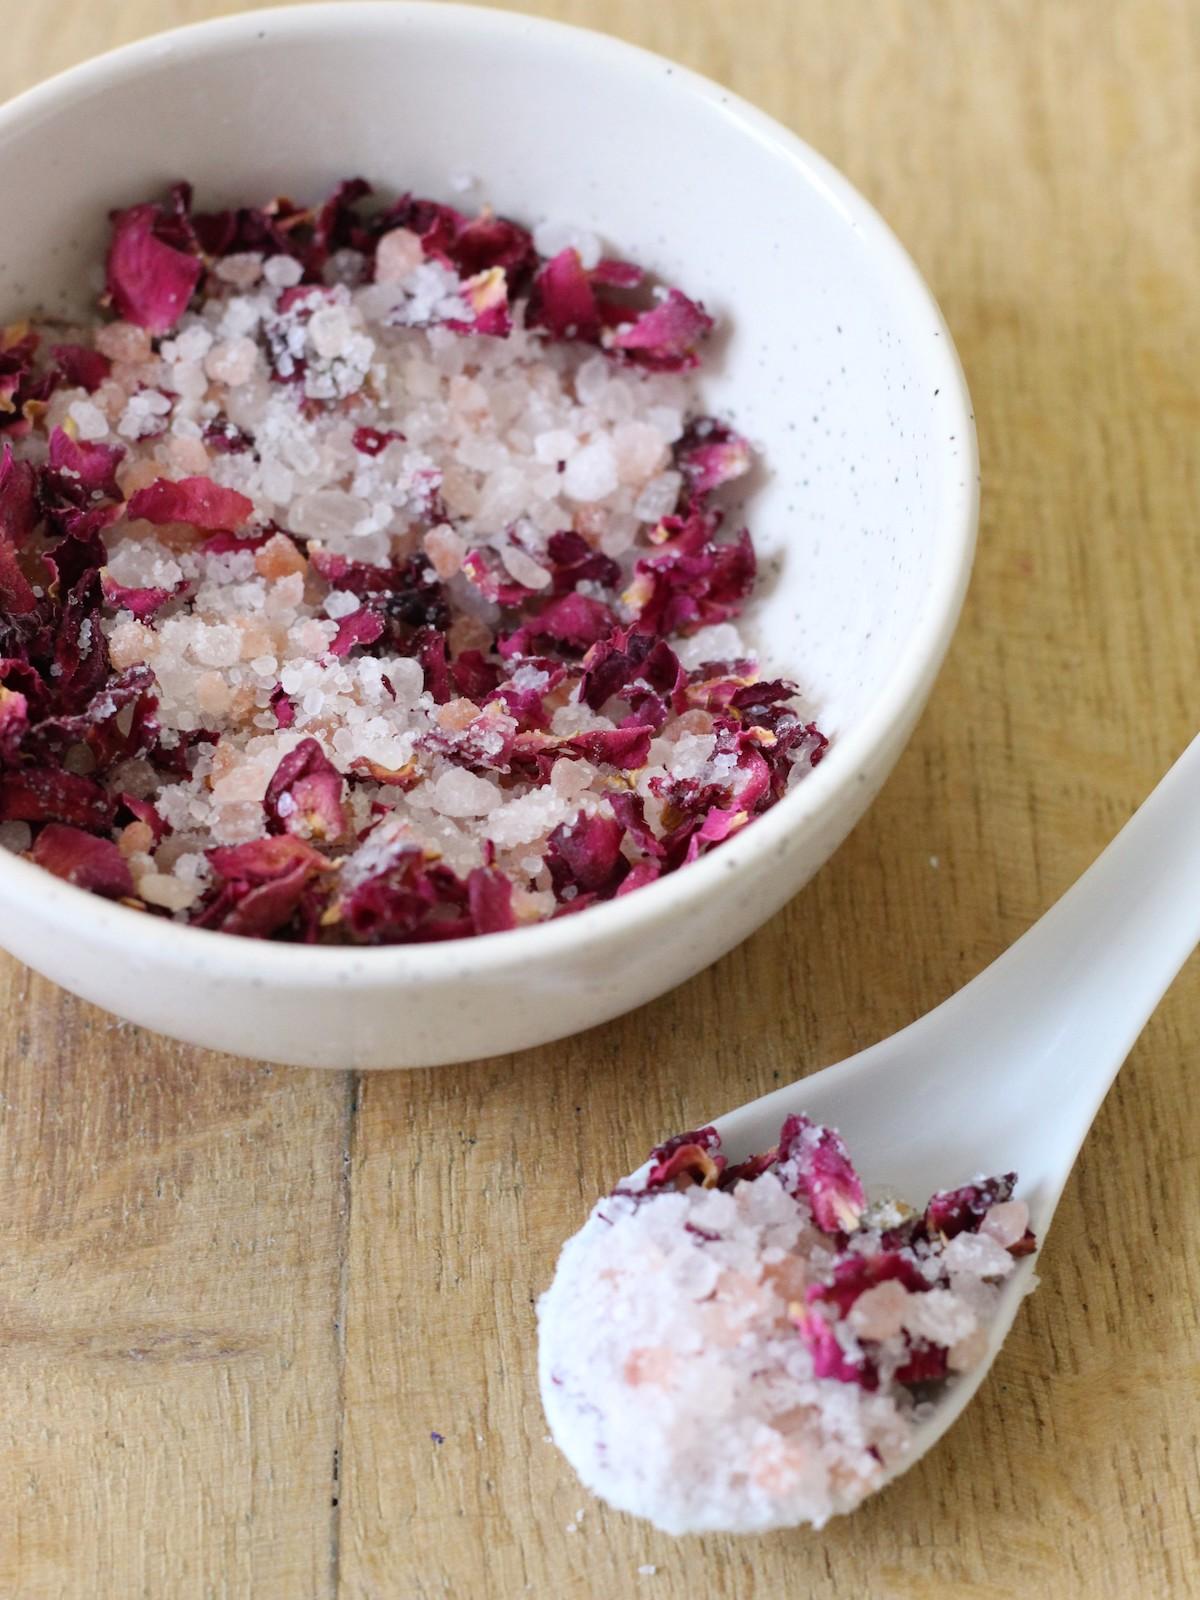 comment fabriquer sels de bain rose detoxifiant bien-être relaxant bio